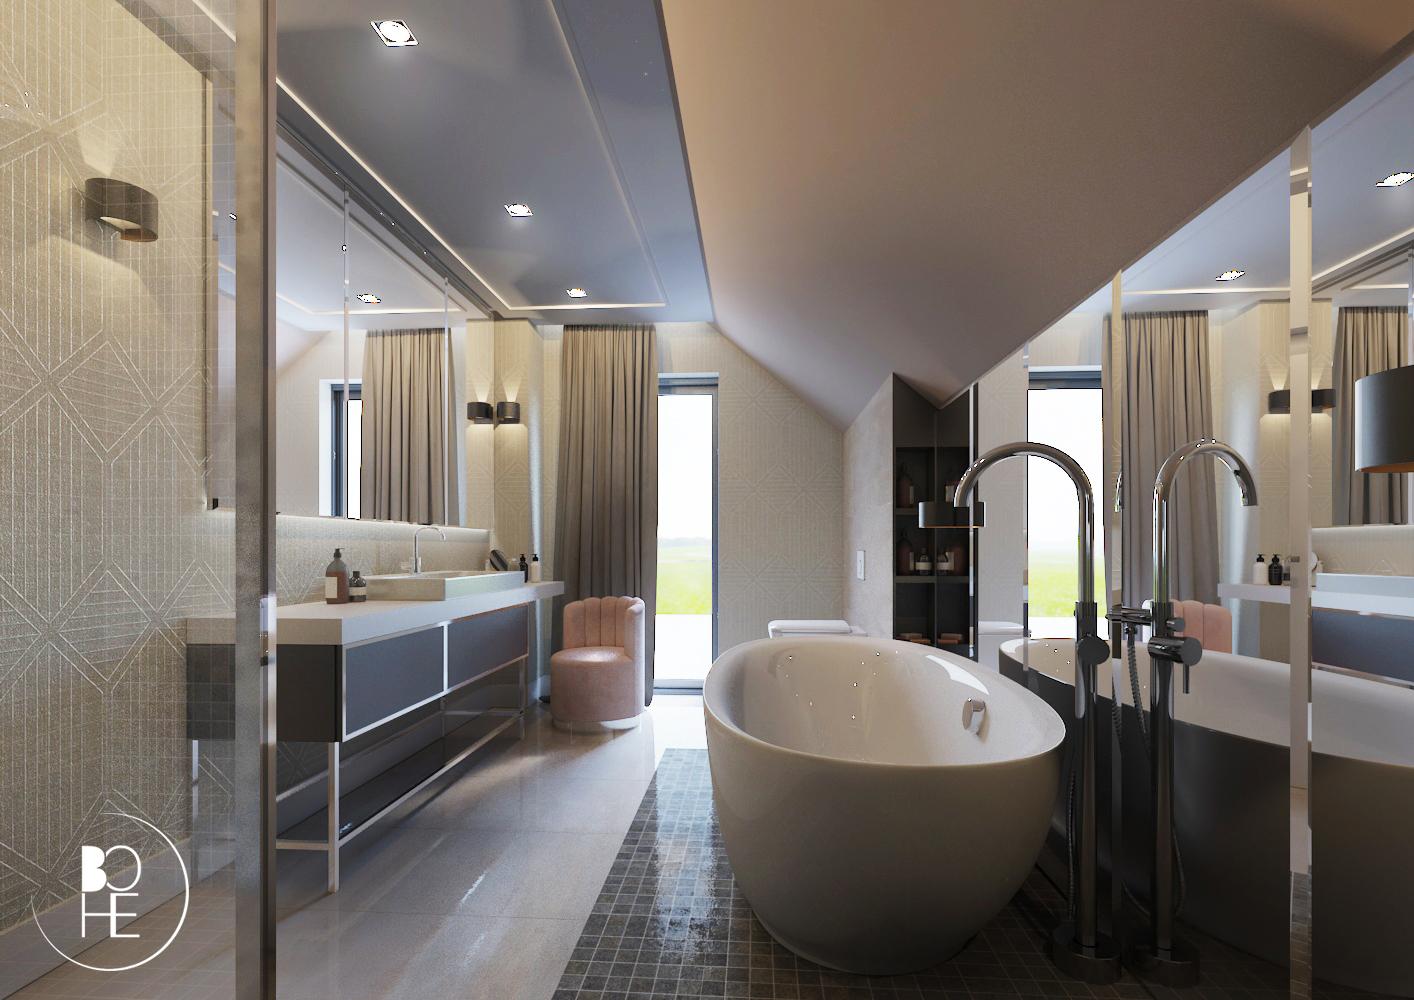 Projekt wnętrza łazienki w Białymstoku z toaletką i WC, z dużymi lustrami i ściennym stelażem